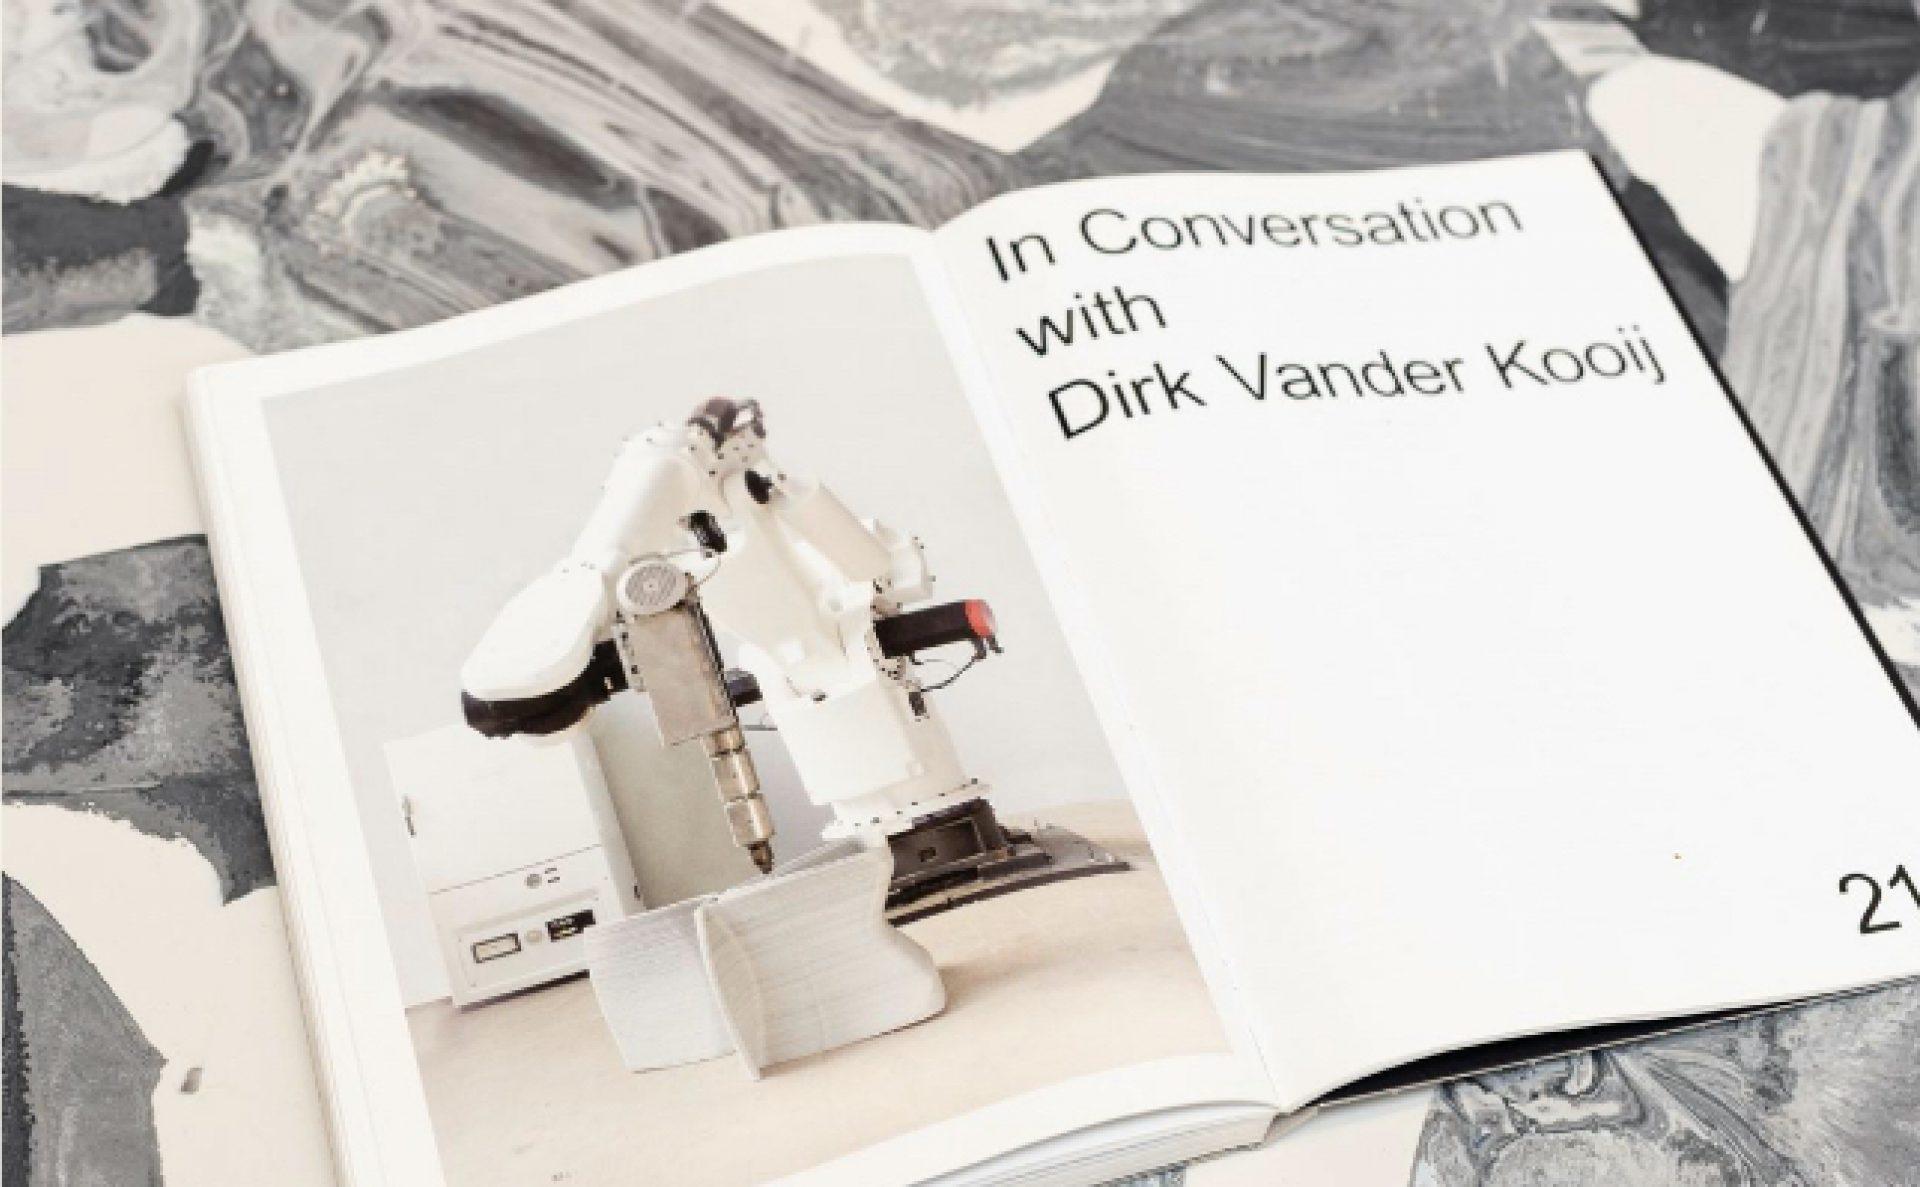 A rare peek at our plastic-extruding robot, photographed in Dirk van der Kooij's studio in 2012